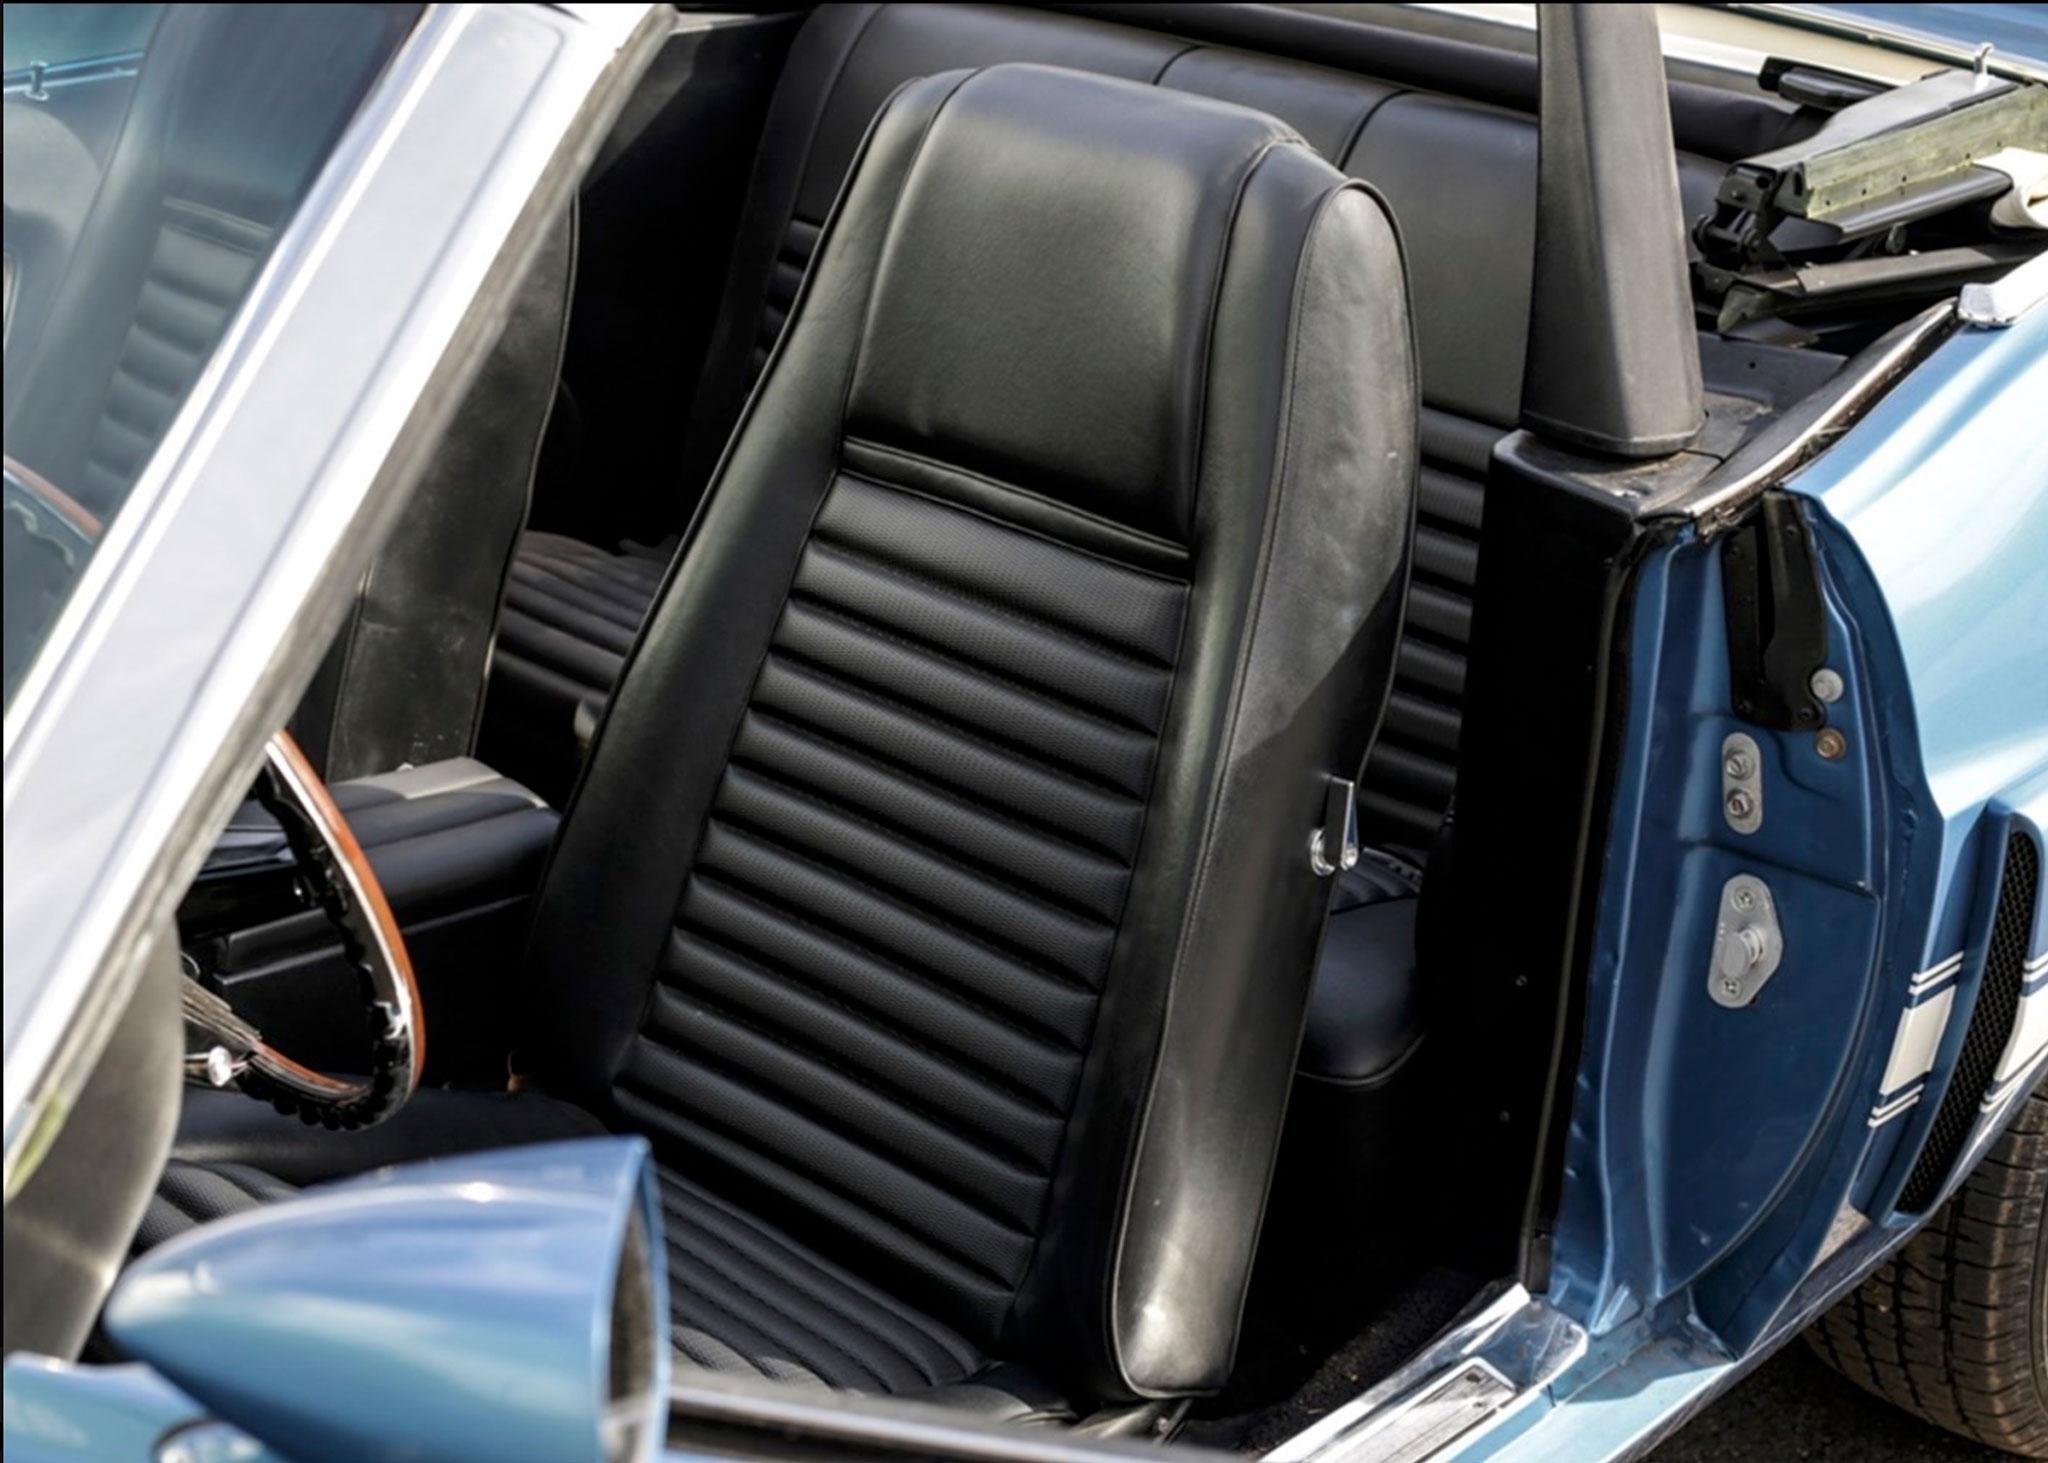 1969 Shelby GT350 Convertible elle reçoit des sièges baquets Hi-Back - Coups de Coeur Historics Auctioneers.